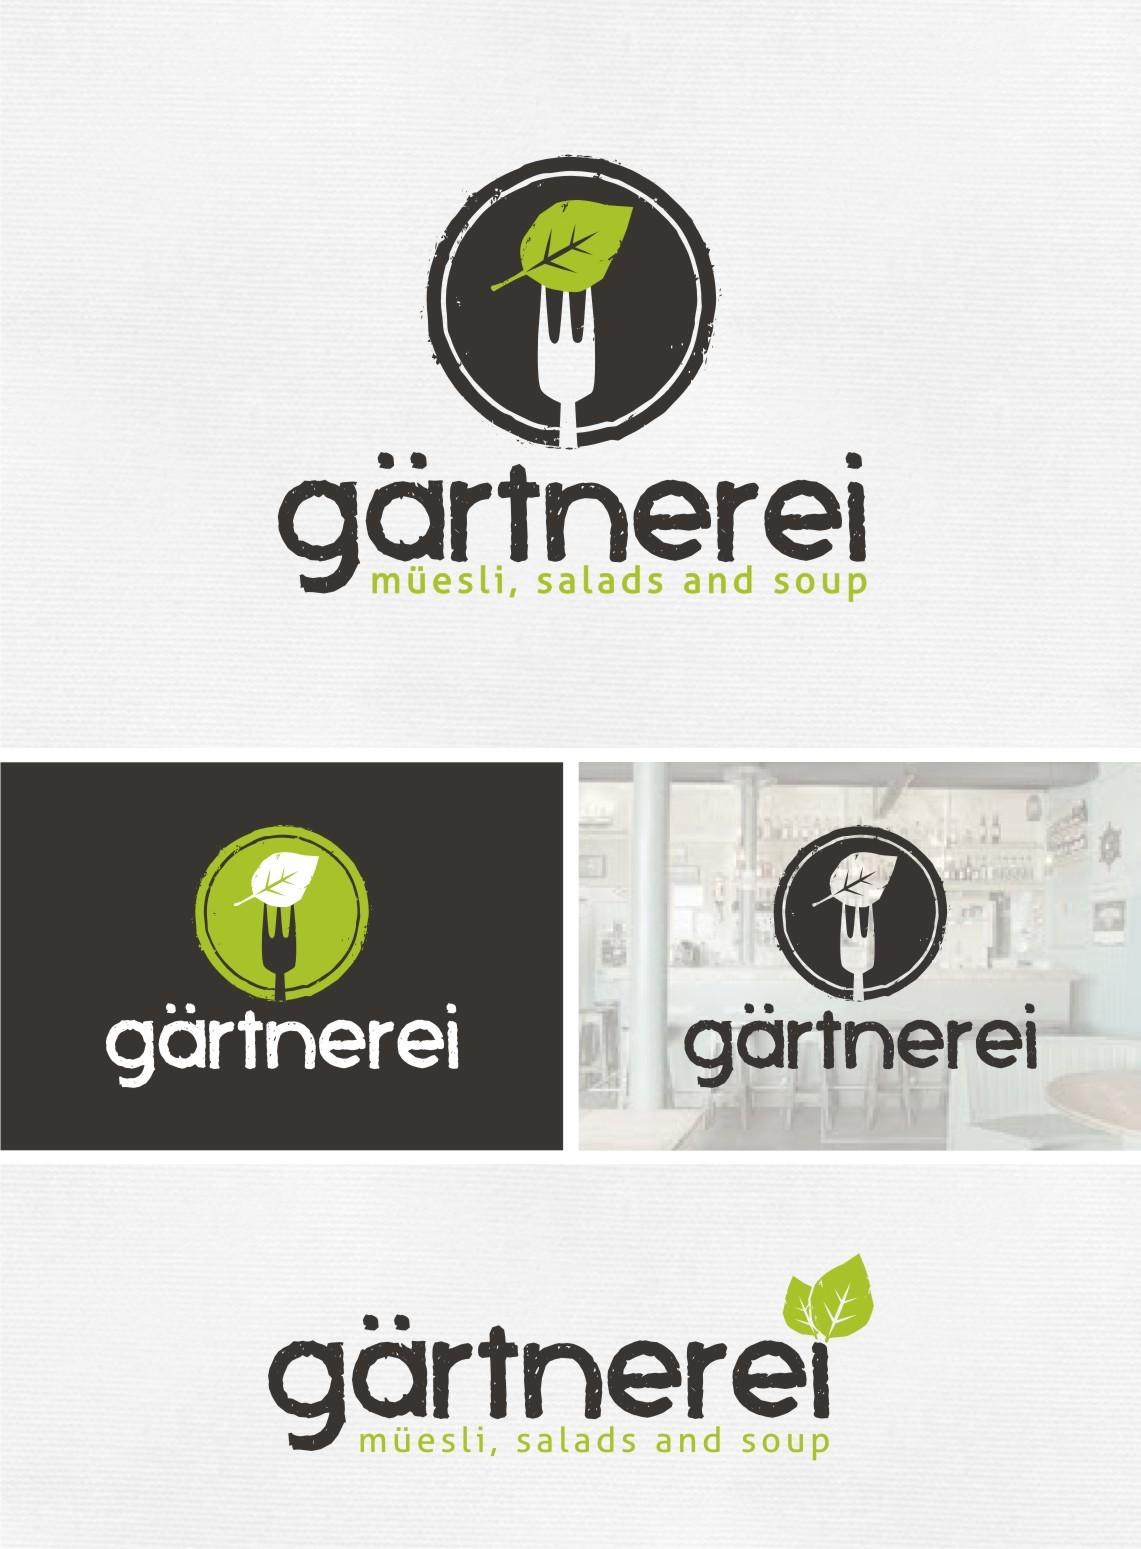 3 gärtnerei logo